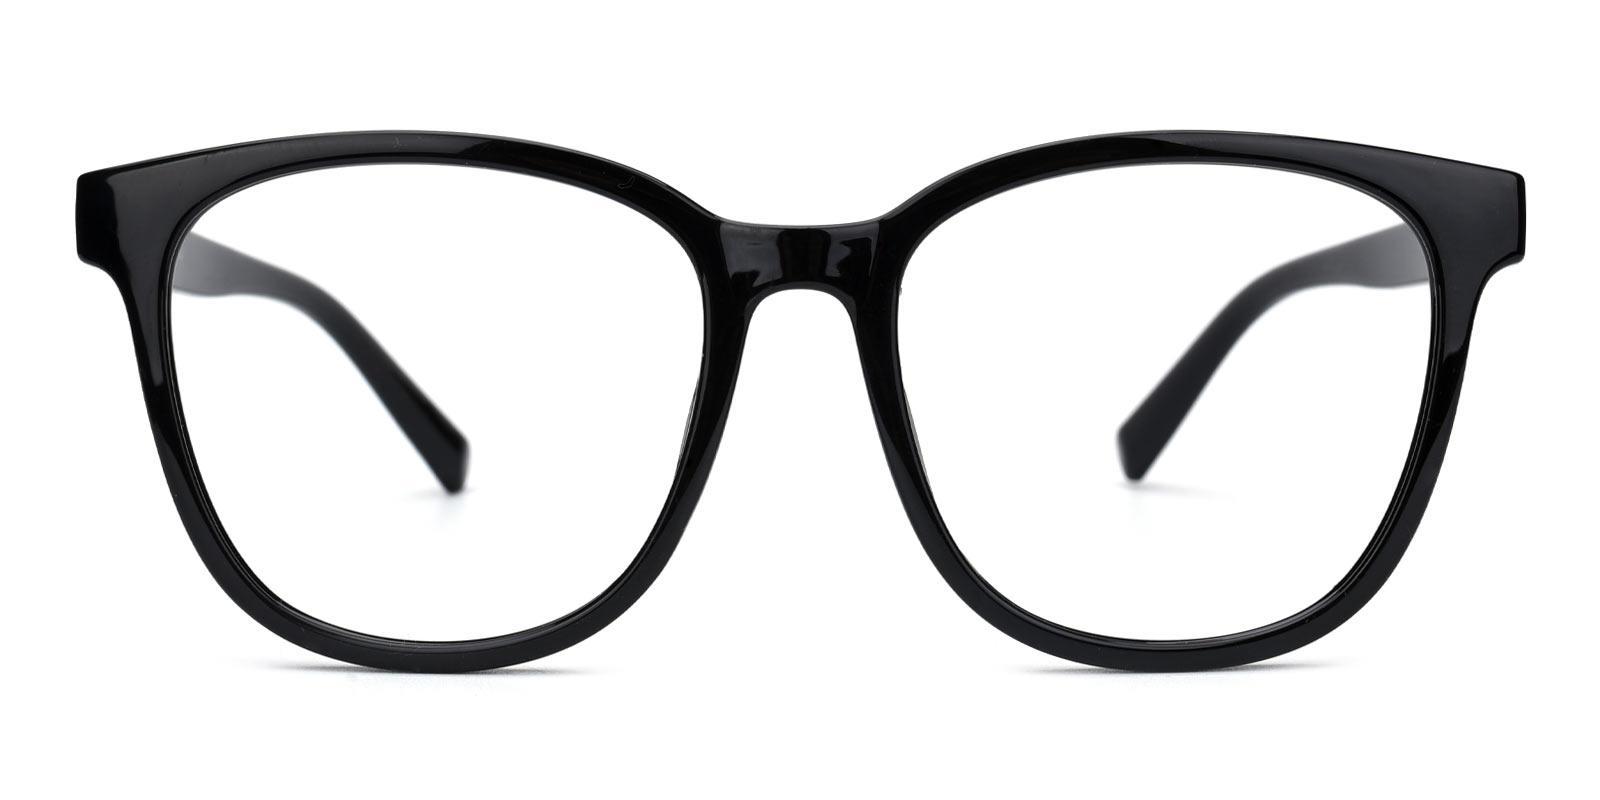 Edgar-Black-Square-TR-Eyeglasses-detail